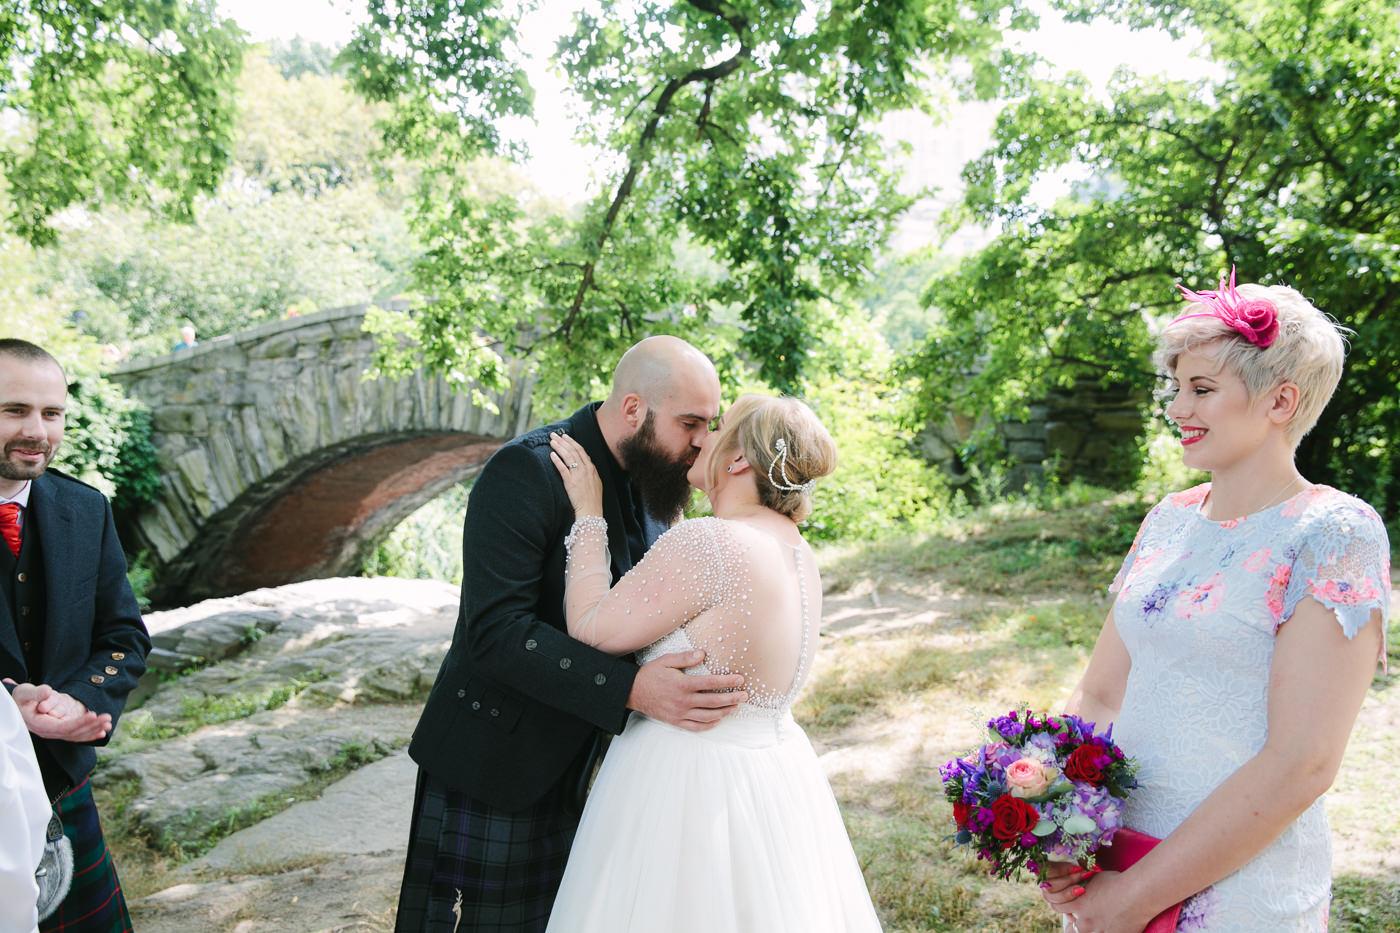 Central Park-Gapstow-bridge-wedding_H&K-59.jpg